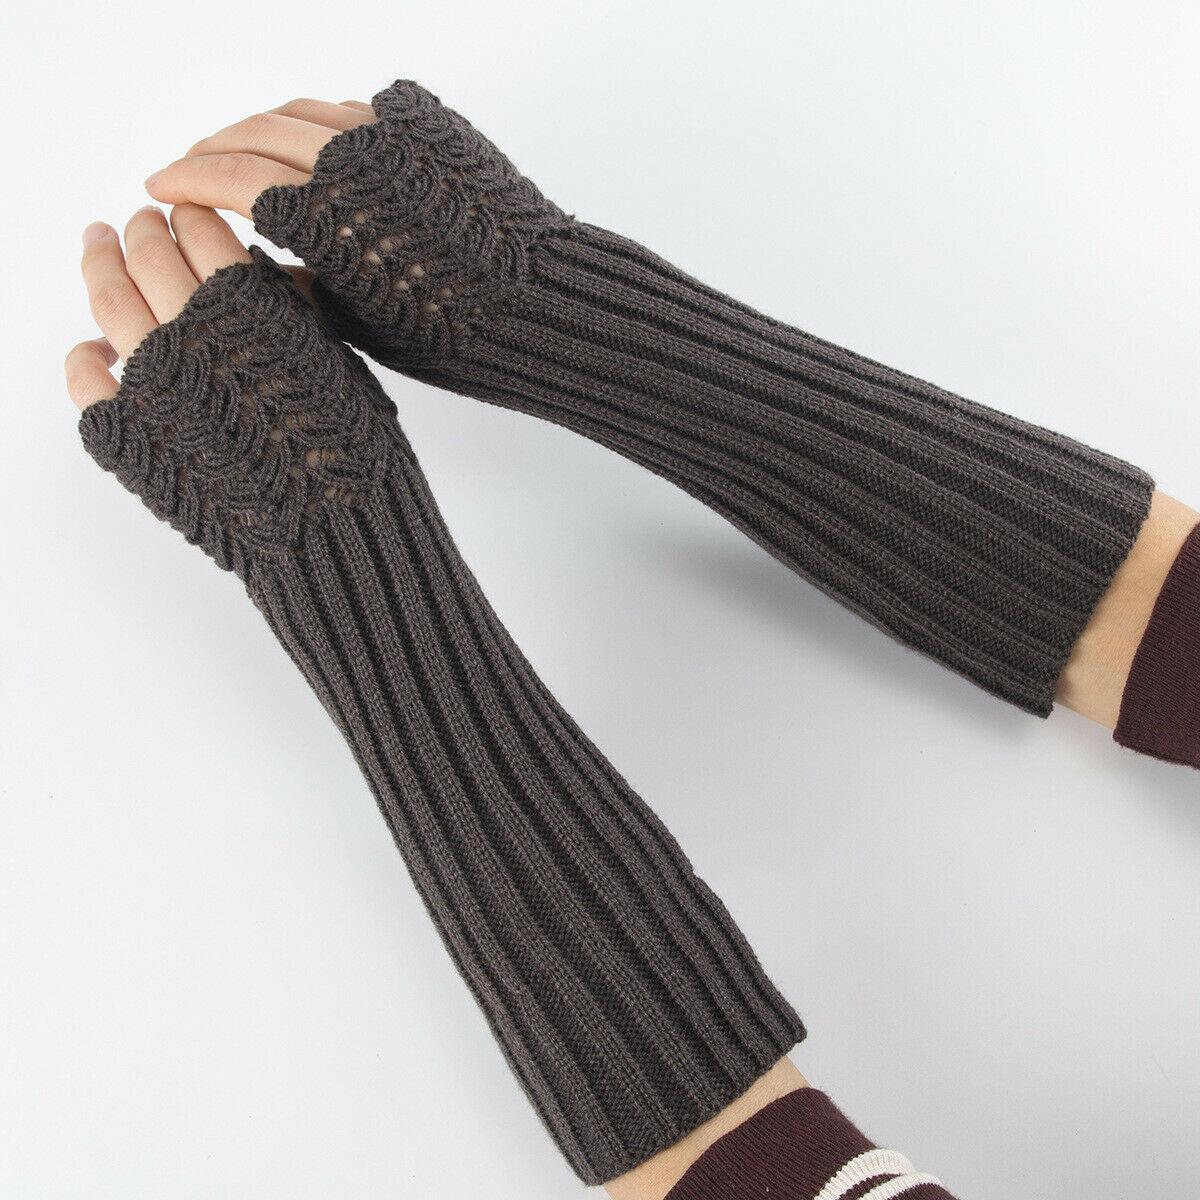 Women's Fashion Knitted Fingerless Winter Gloves Warm Wool Warm Gloves UK Finger Wool Gloves Arm Warmers